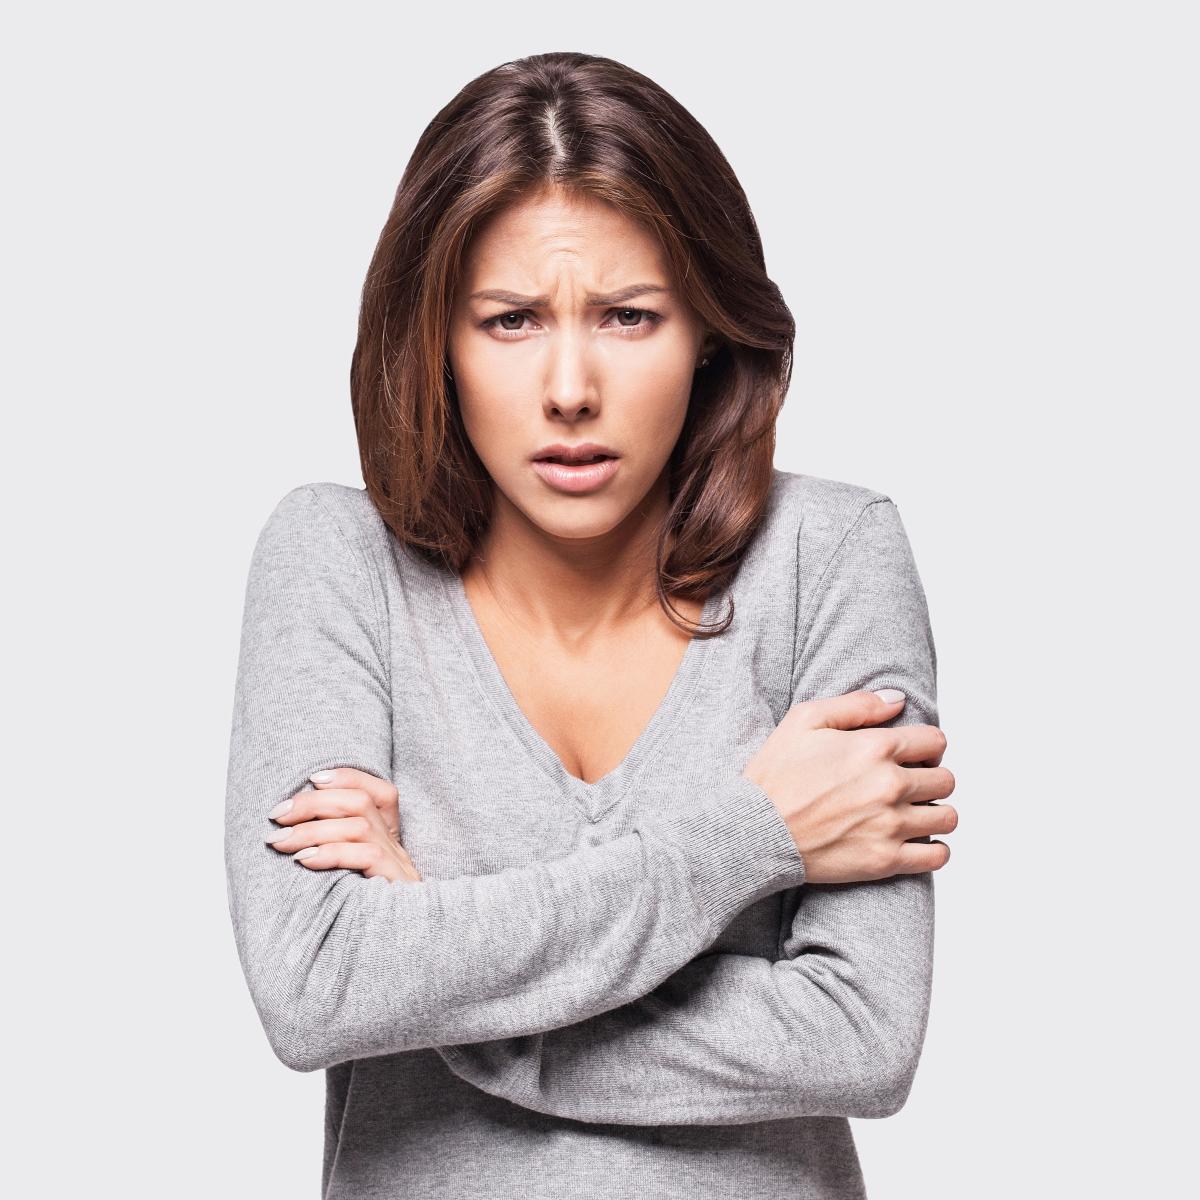 Втрисане. Това се случва когато ни е студено: така тялото се опитва да се стопли. Или когато сме силно стресирани и се подготвяме за ответен удар при атака.